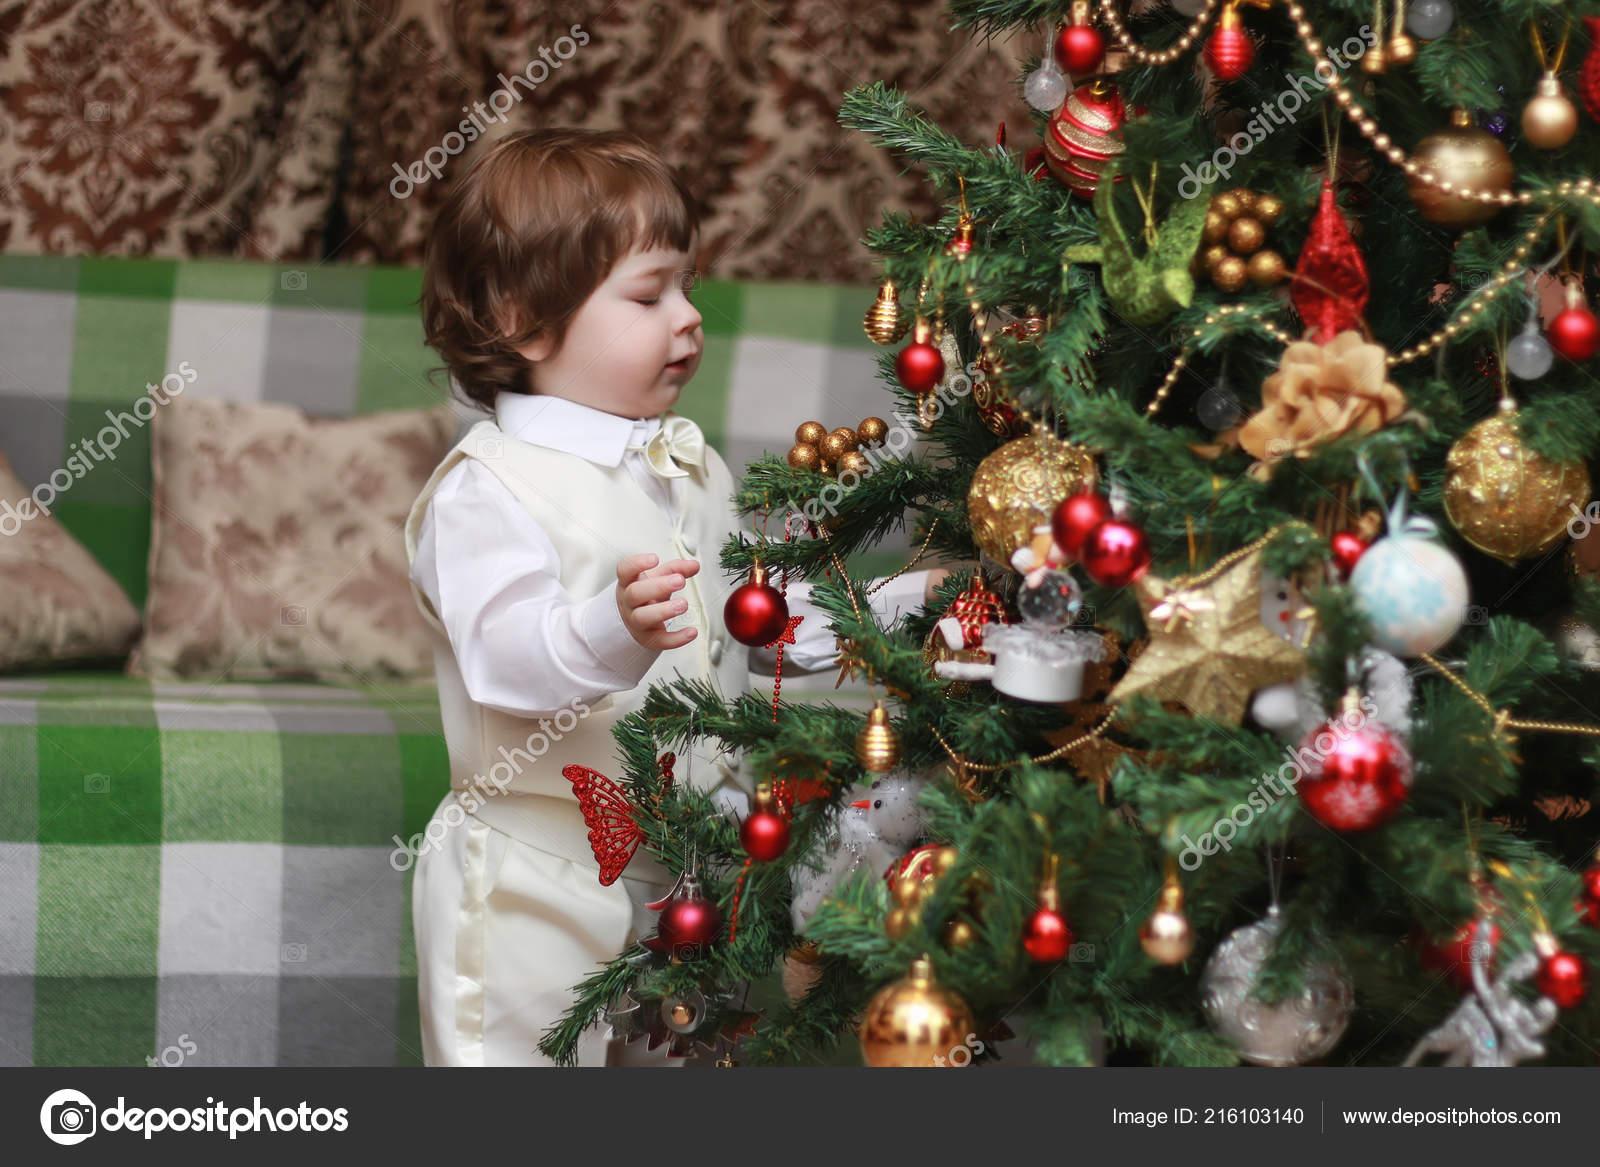 Картинки по запросу нарядить елку с маленьким ребенком картинка